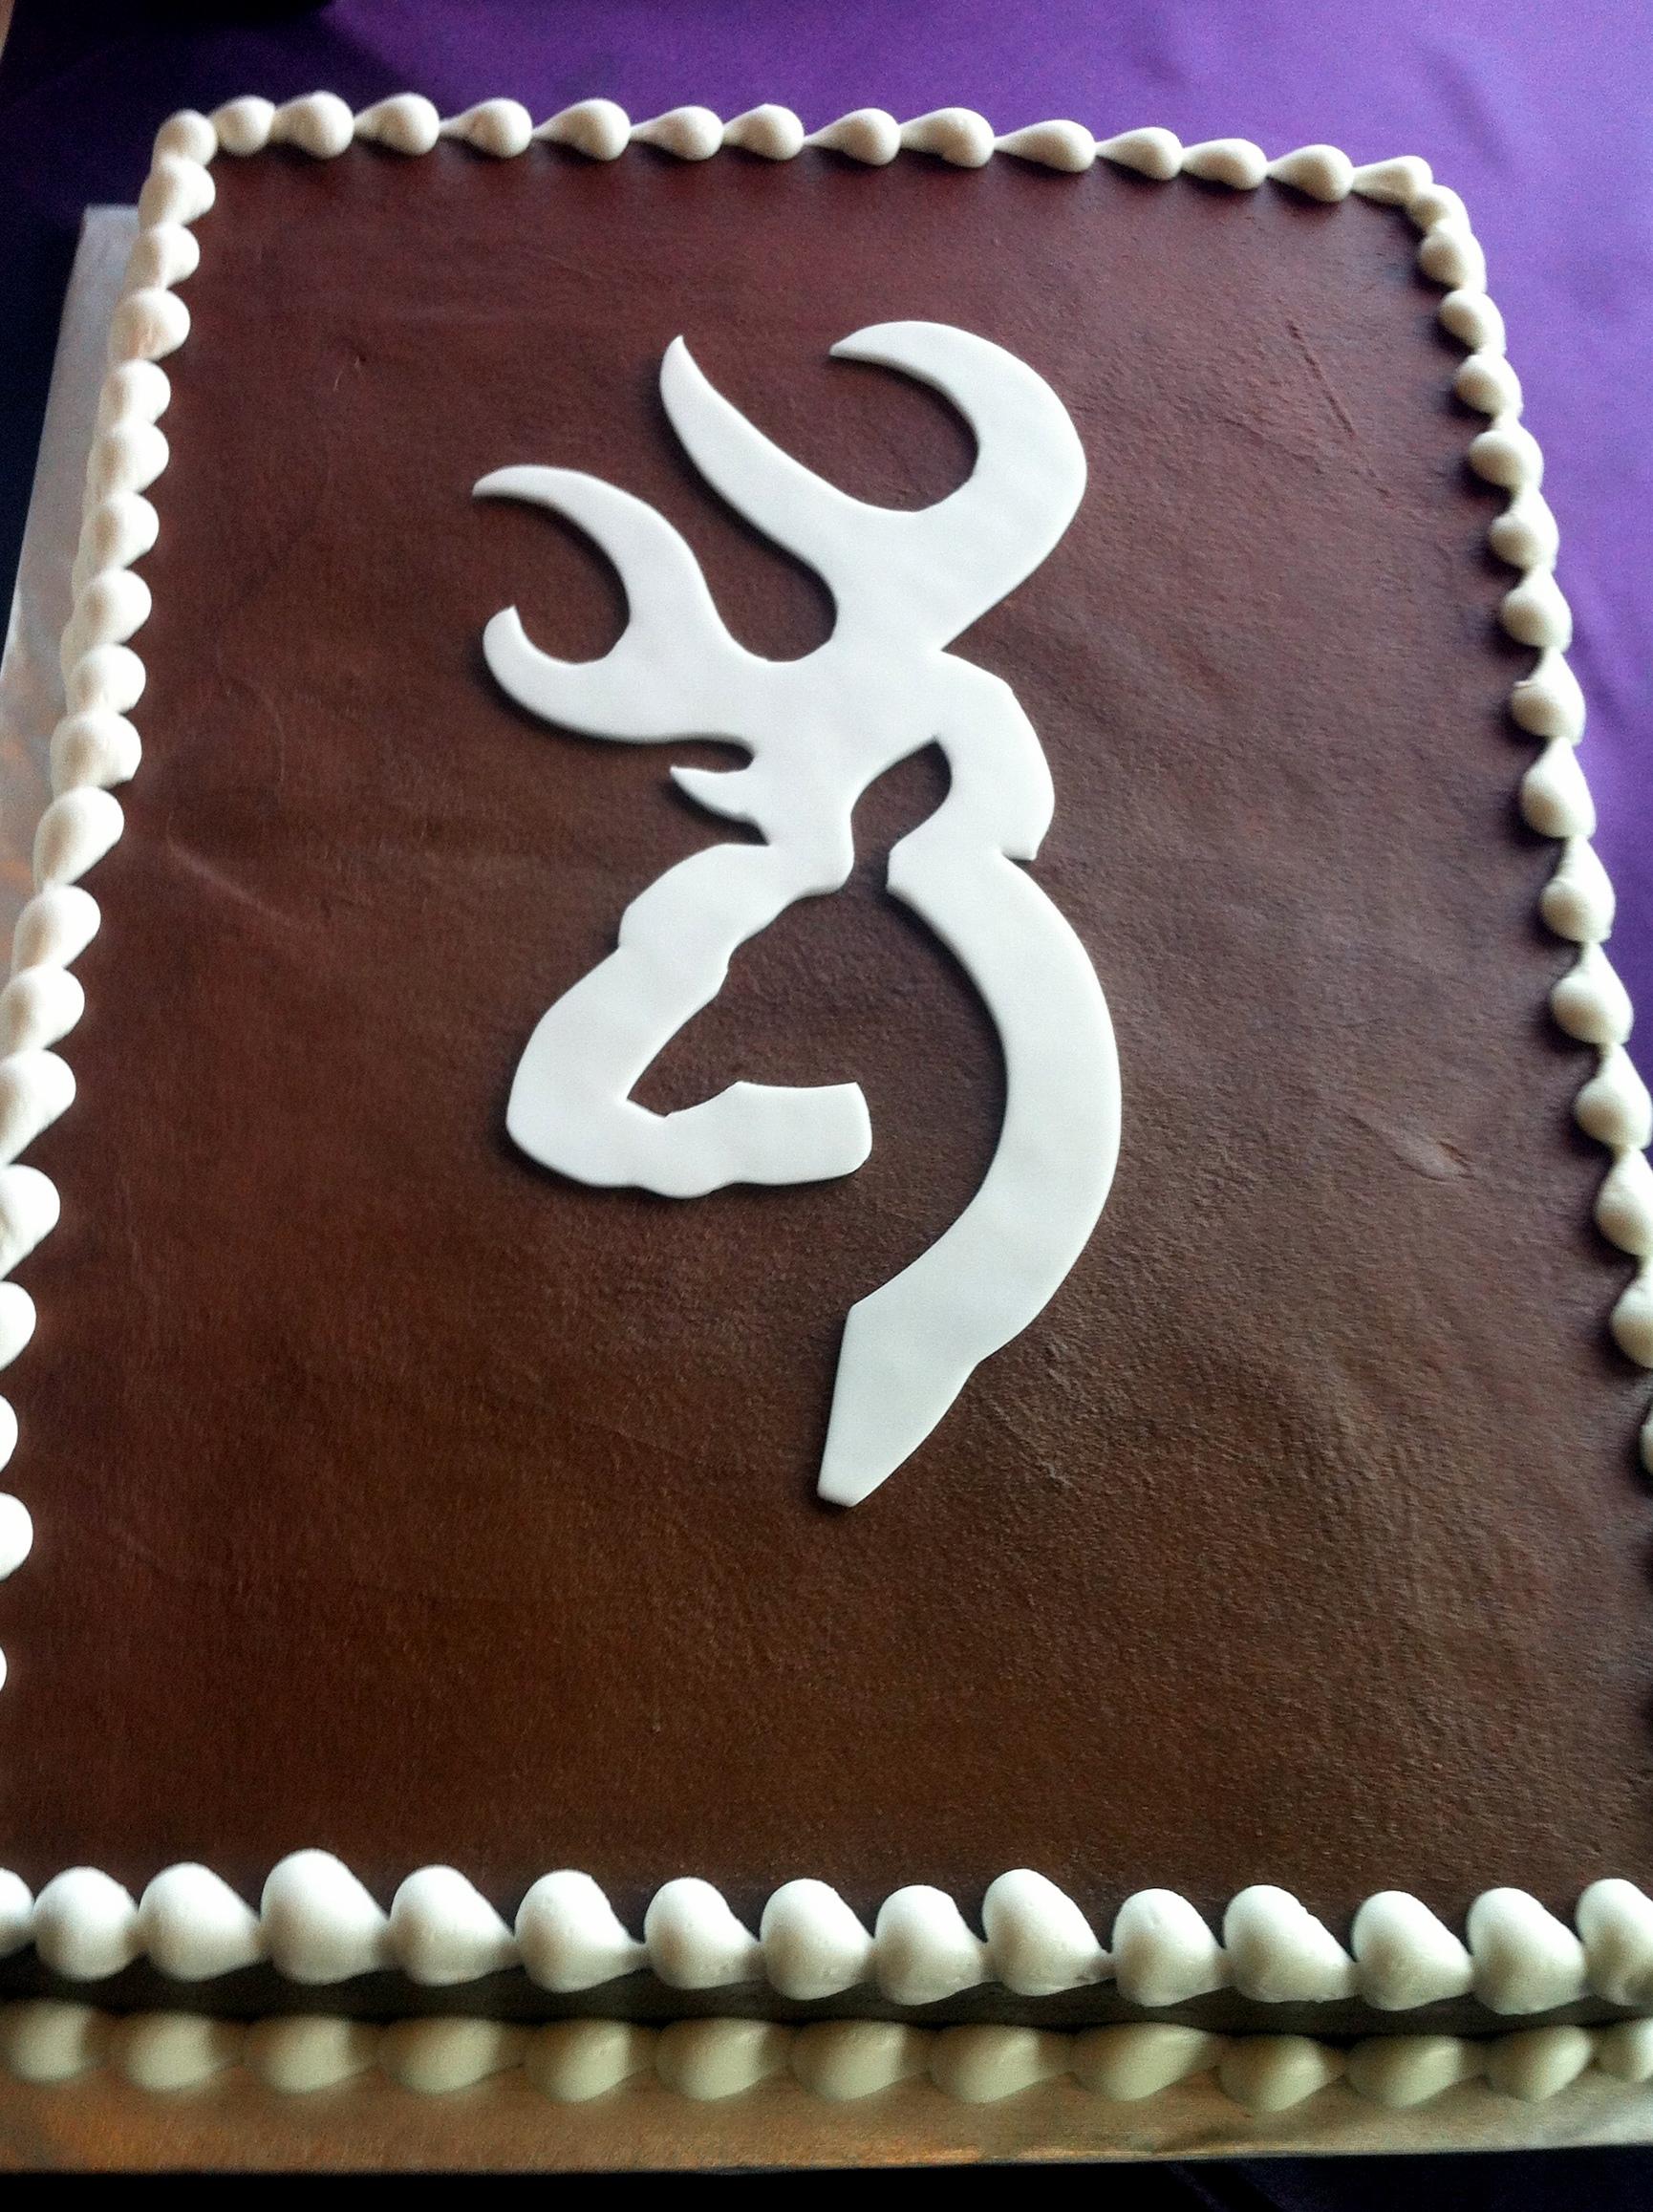 Browning Cake